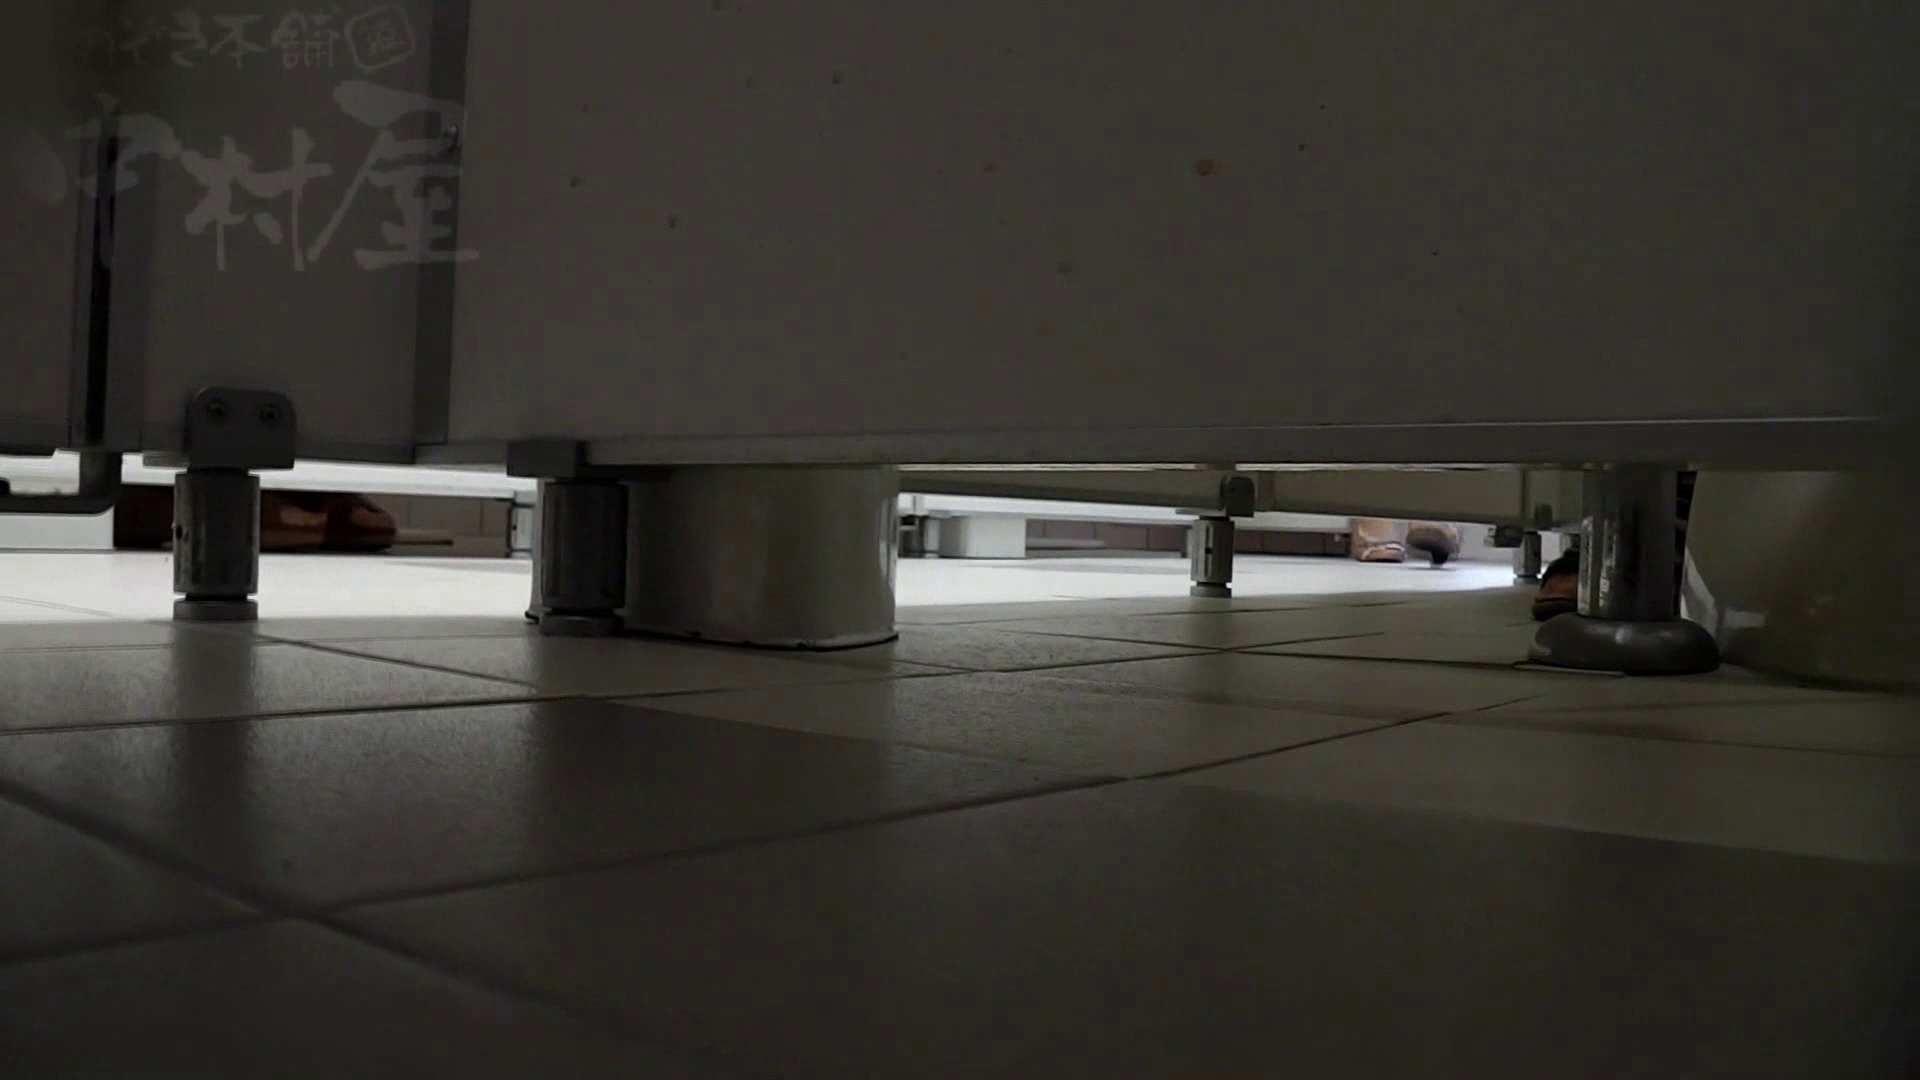 美しい日本の未来 No.08 腕を磨き再発進 乙女エロ画像 ワレメ動画紹介 90PICs 85